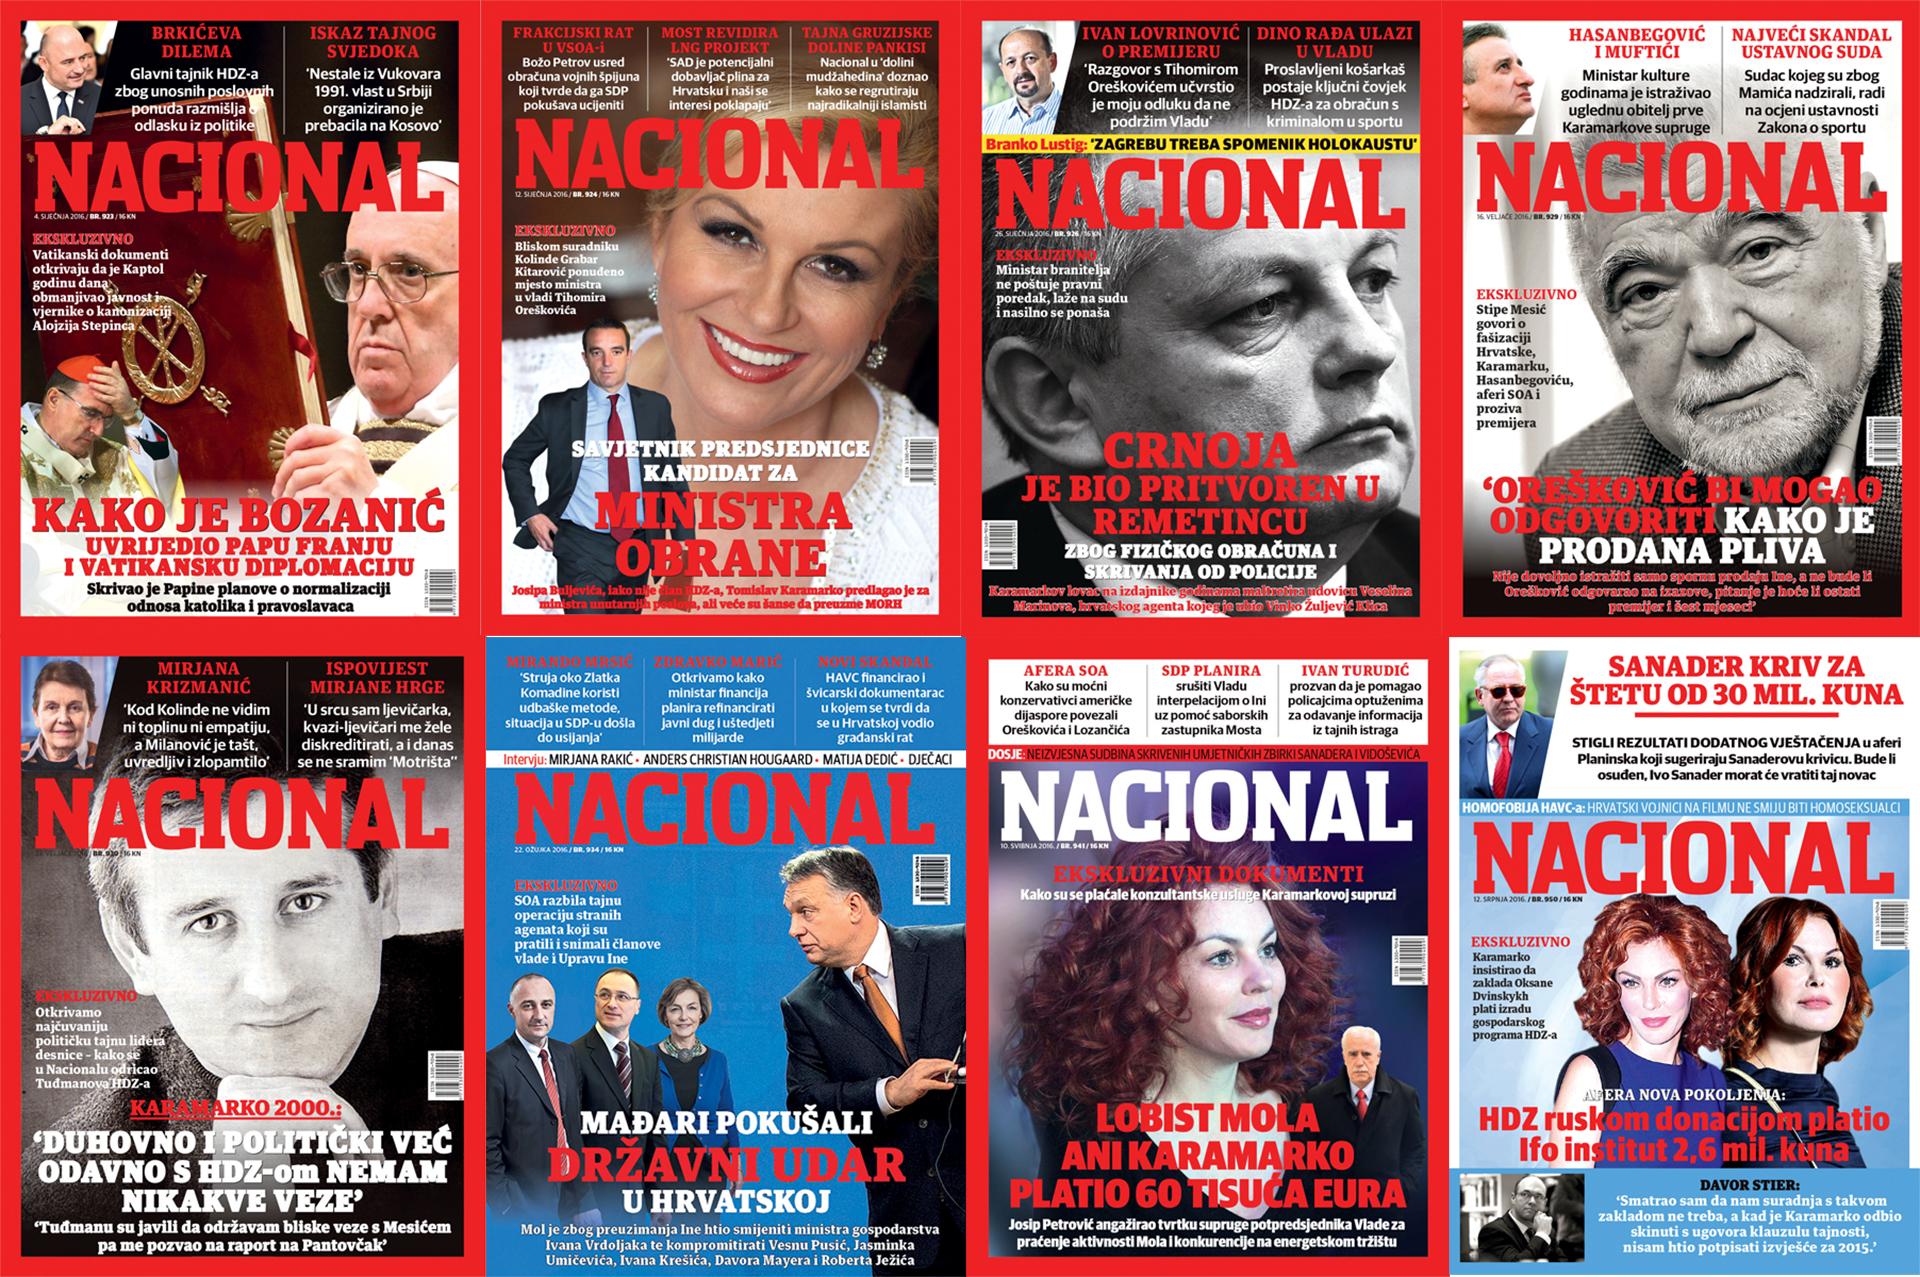 Kako je Nacional mijenjao Hrvatsku